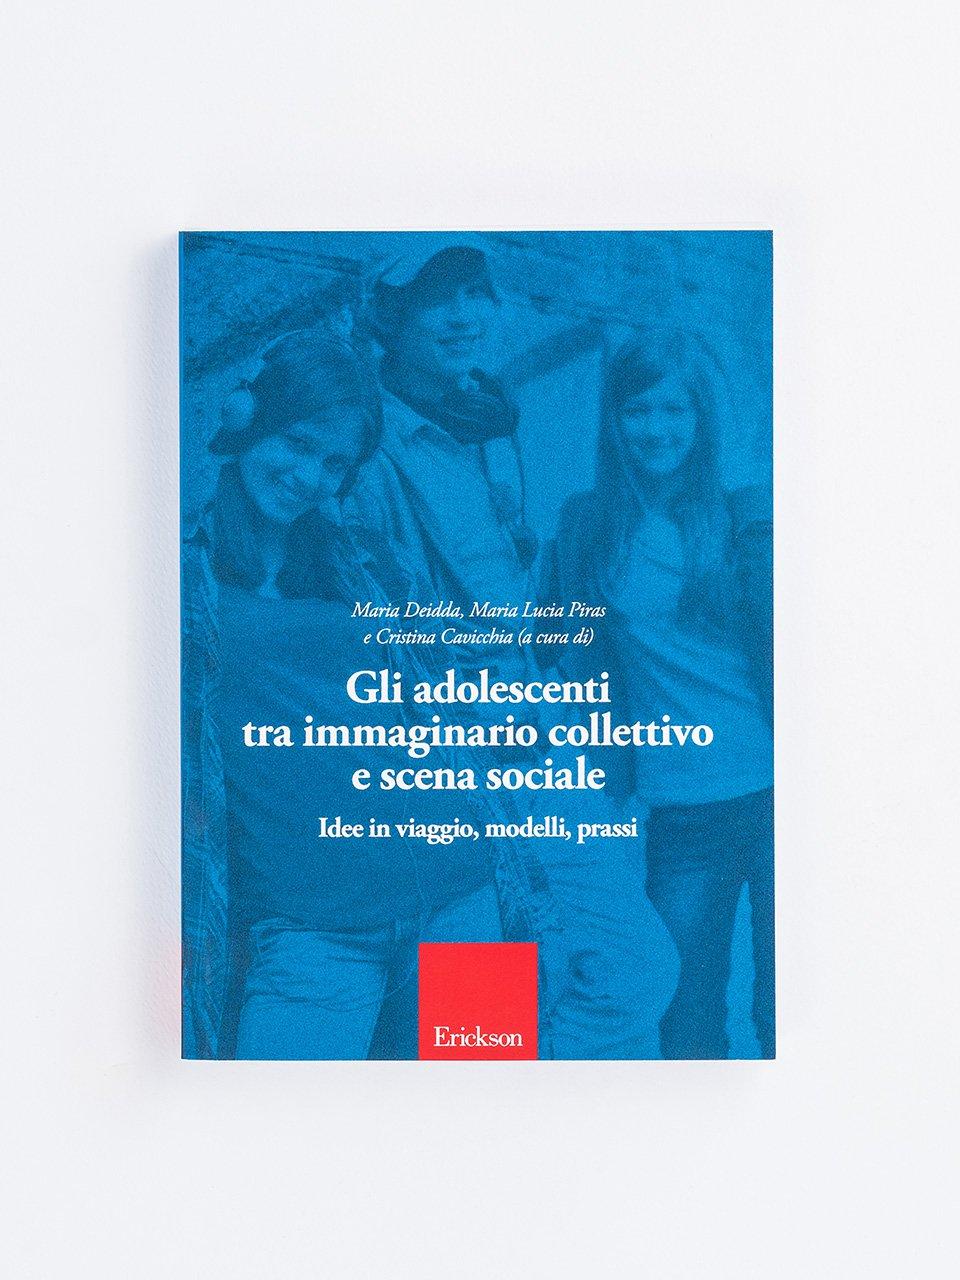 Gli adolescenti tra immaginario collettivo e scena sociale - Minori e famiglie - Erickson